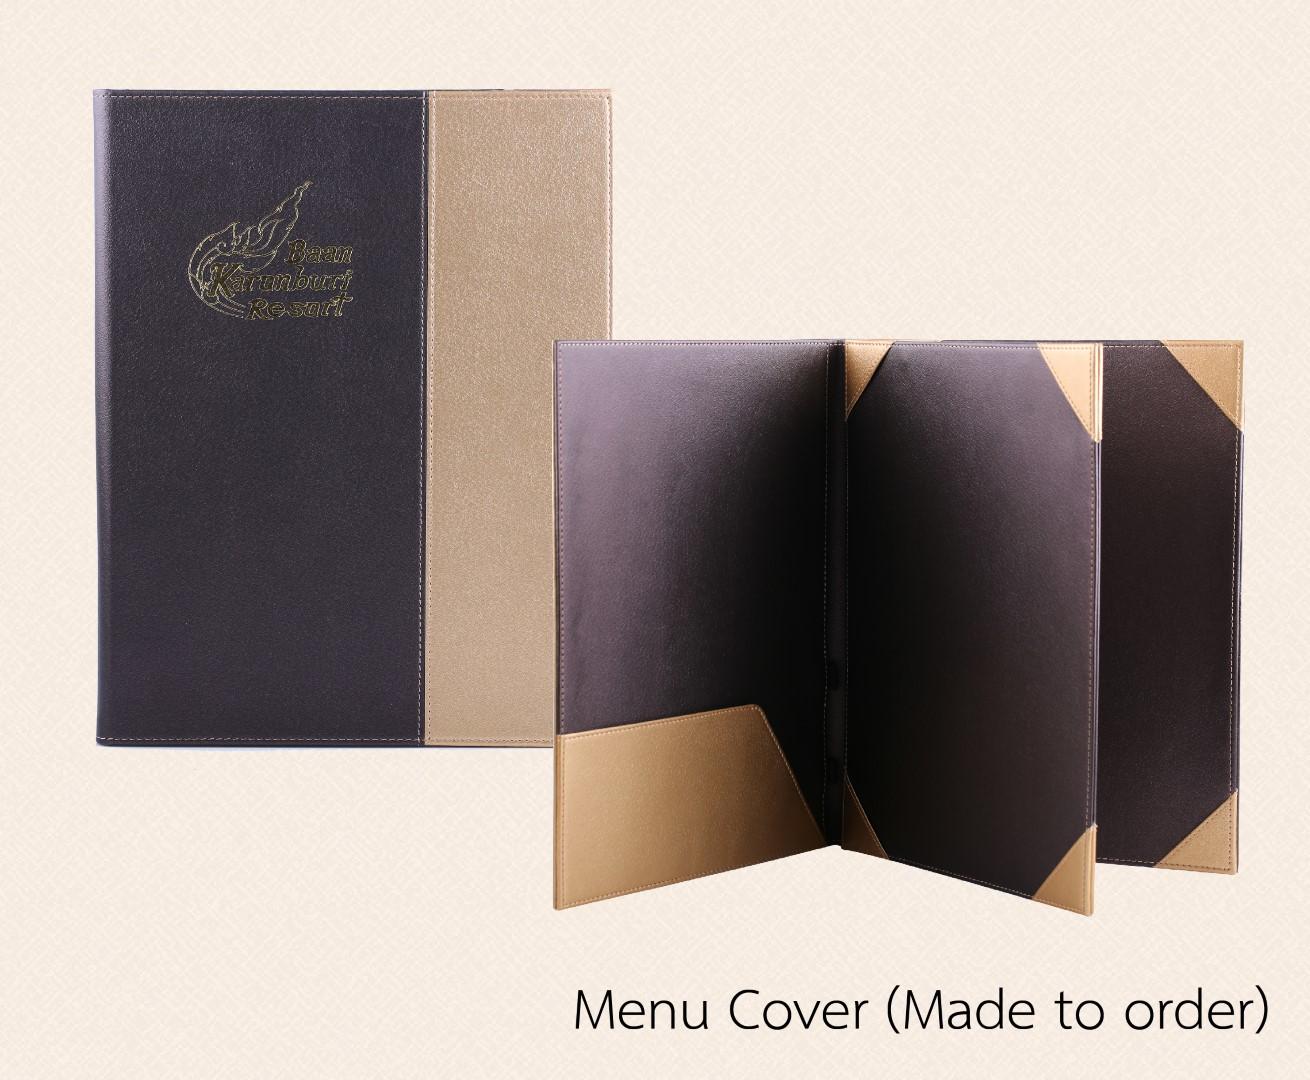 ปกเมนู เมนูปกหนัง ปกหนัง 3 ตอน 3 fold menu cover (Large)